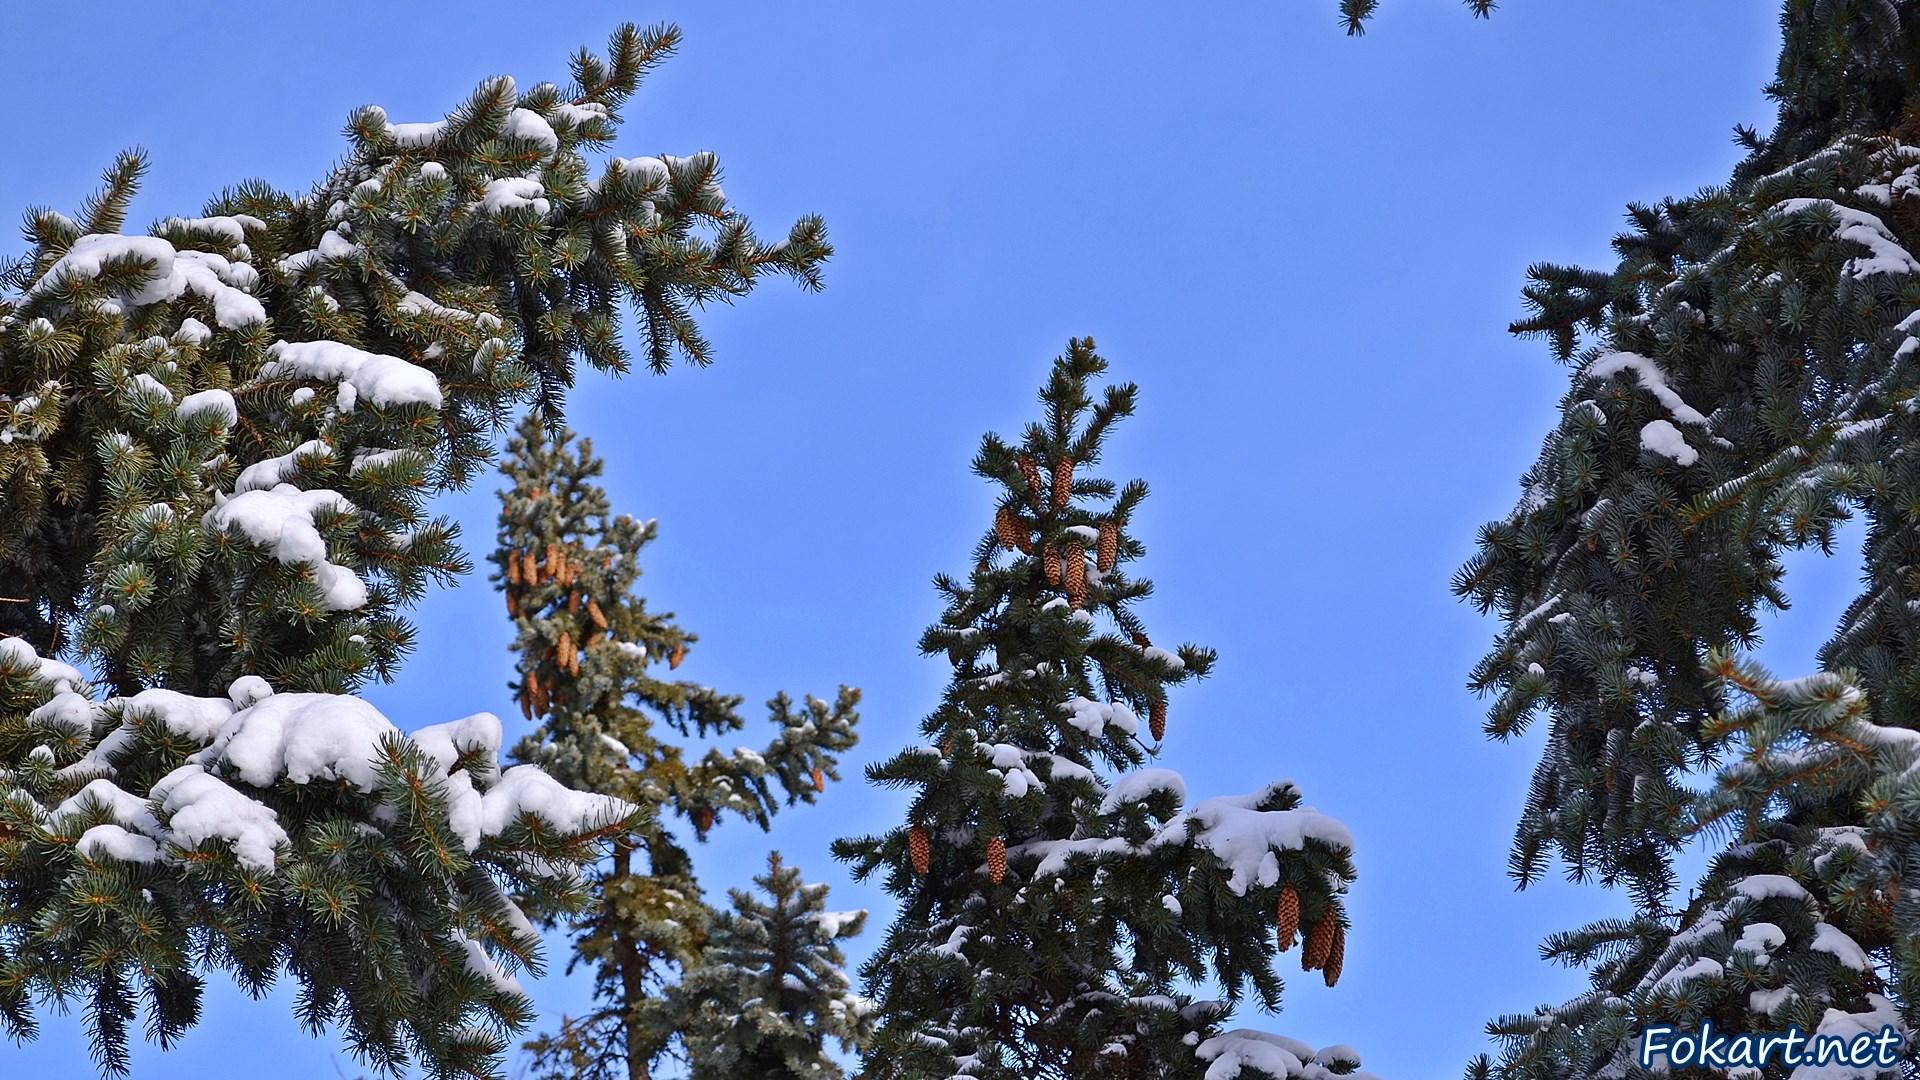 Верхушки елей с шишками на фоне синевы неба. Зима